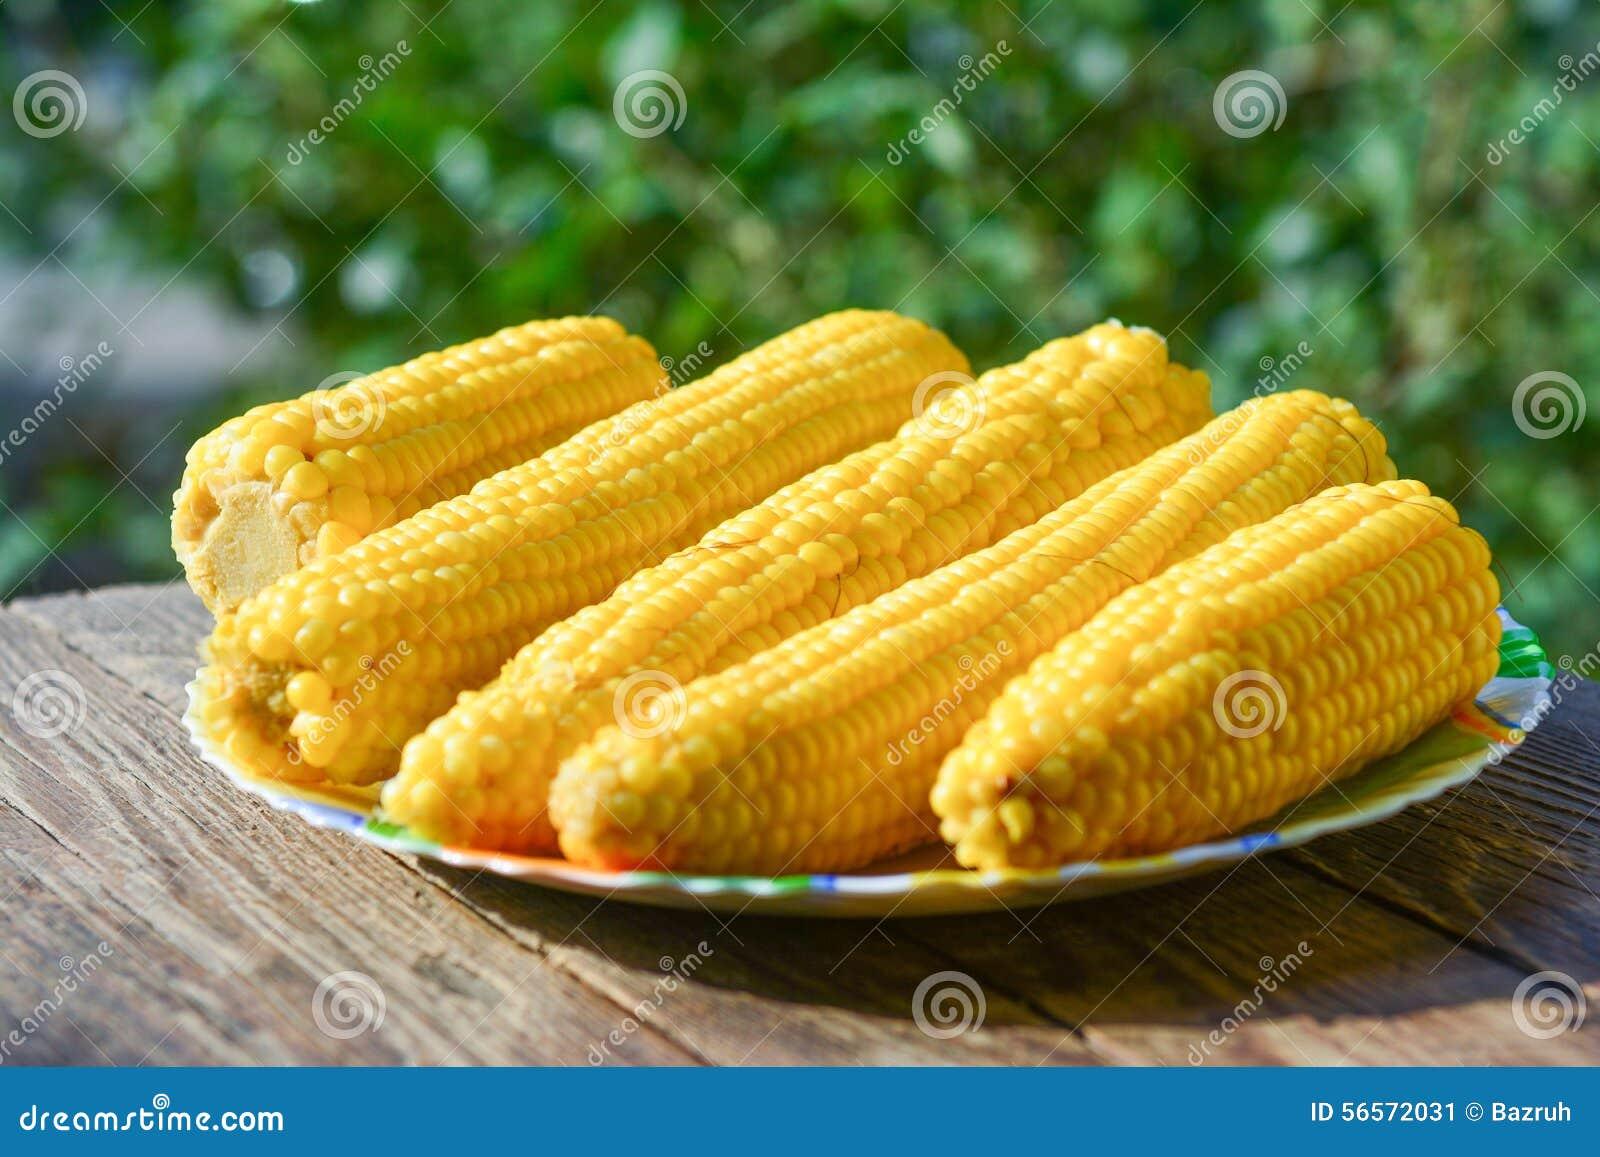 Download βρασμένο καλαμπόκι στοκ εικόνα. εικόνα από σιτάρι, κατανάλωση - 56572031